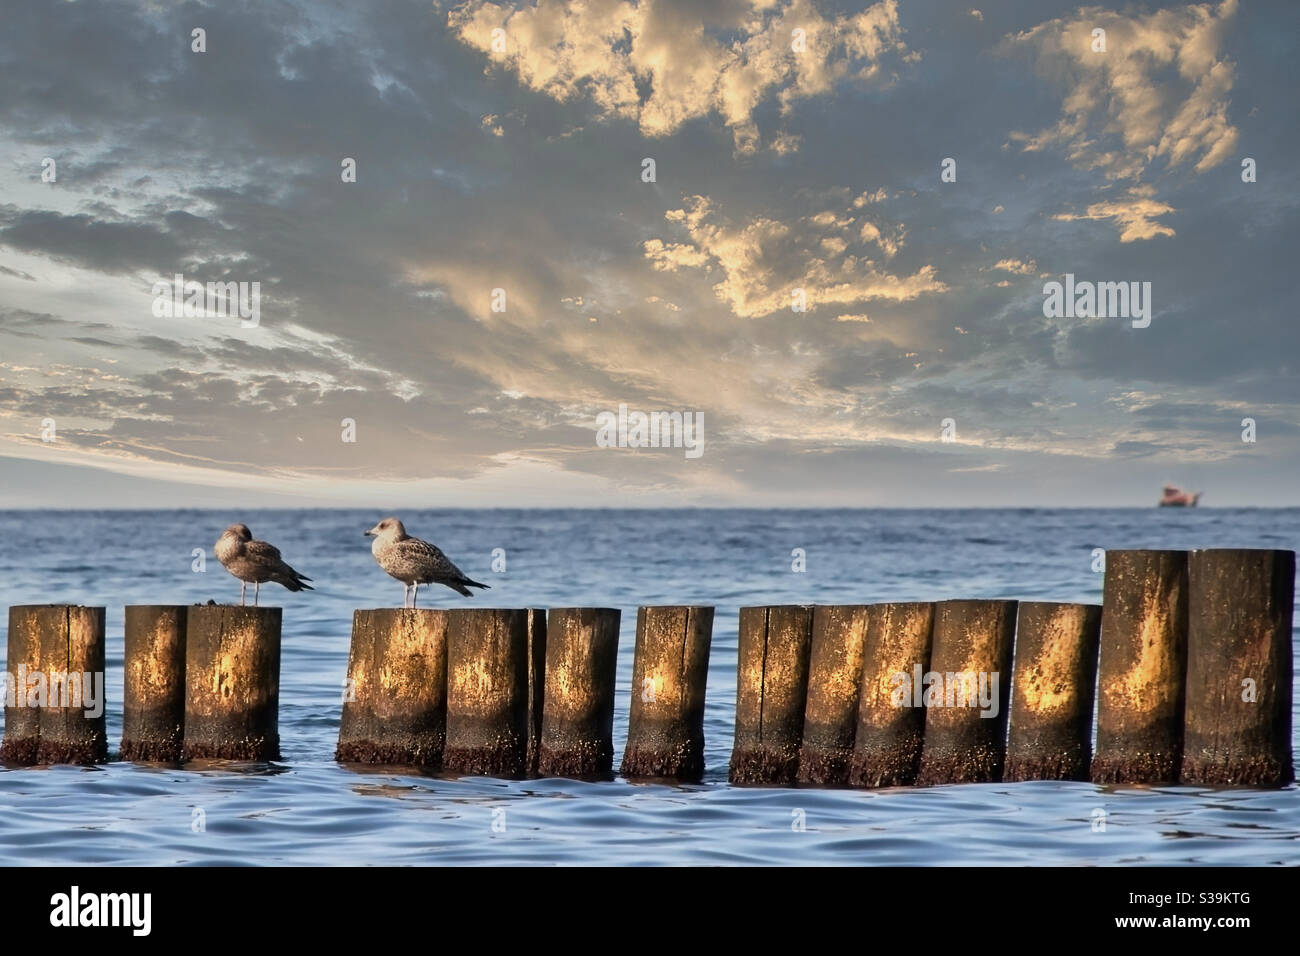 due gabbiani di mare seduti su groynes di legno intemperati di fronte del mare con una nave a vela non affilata nel sfondo Foto Stock